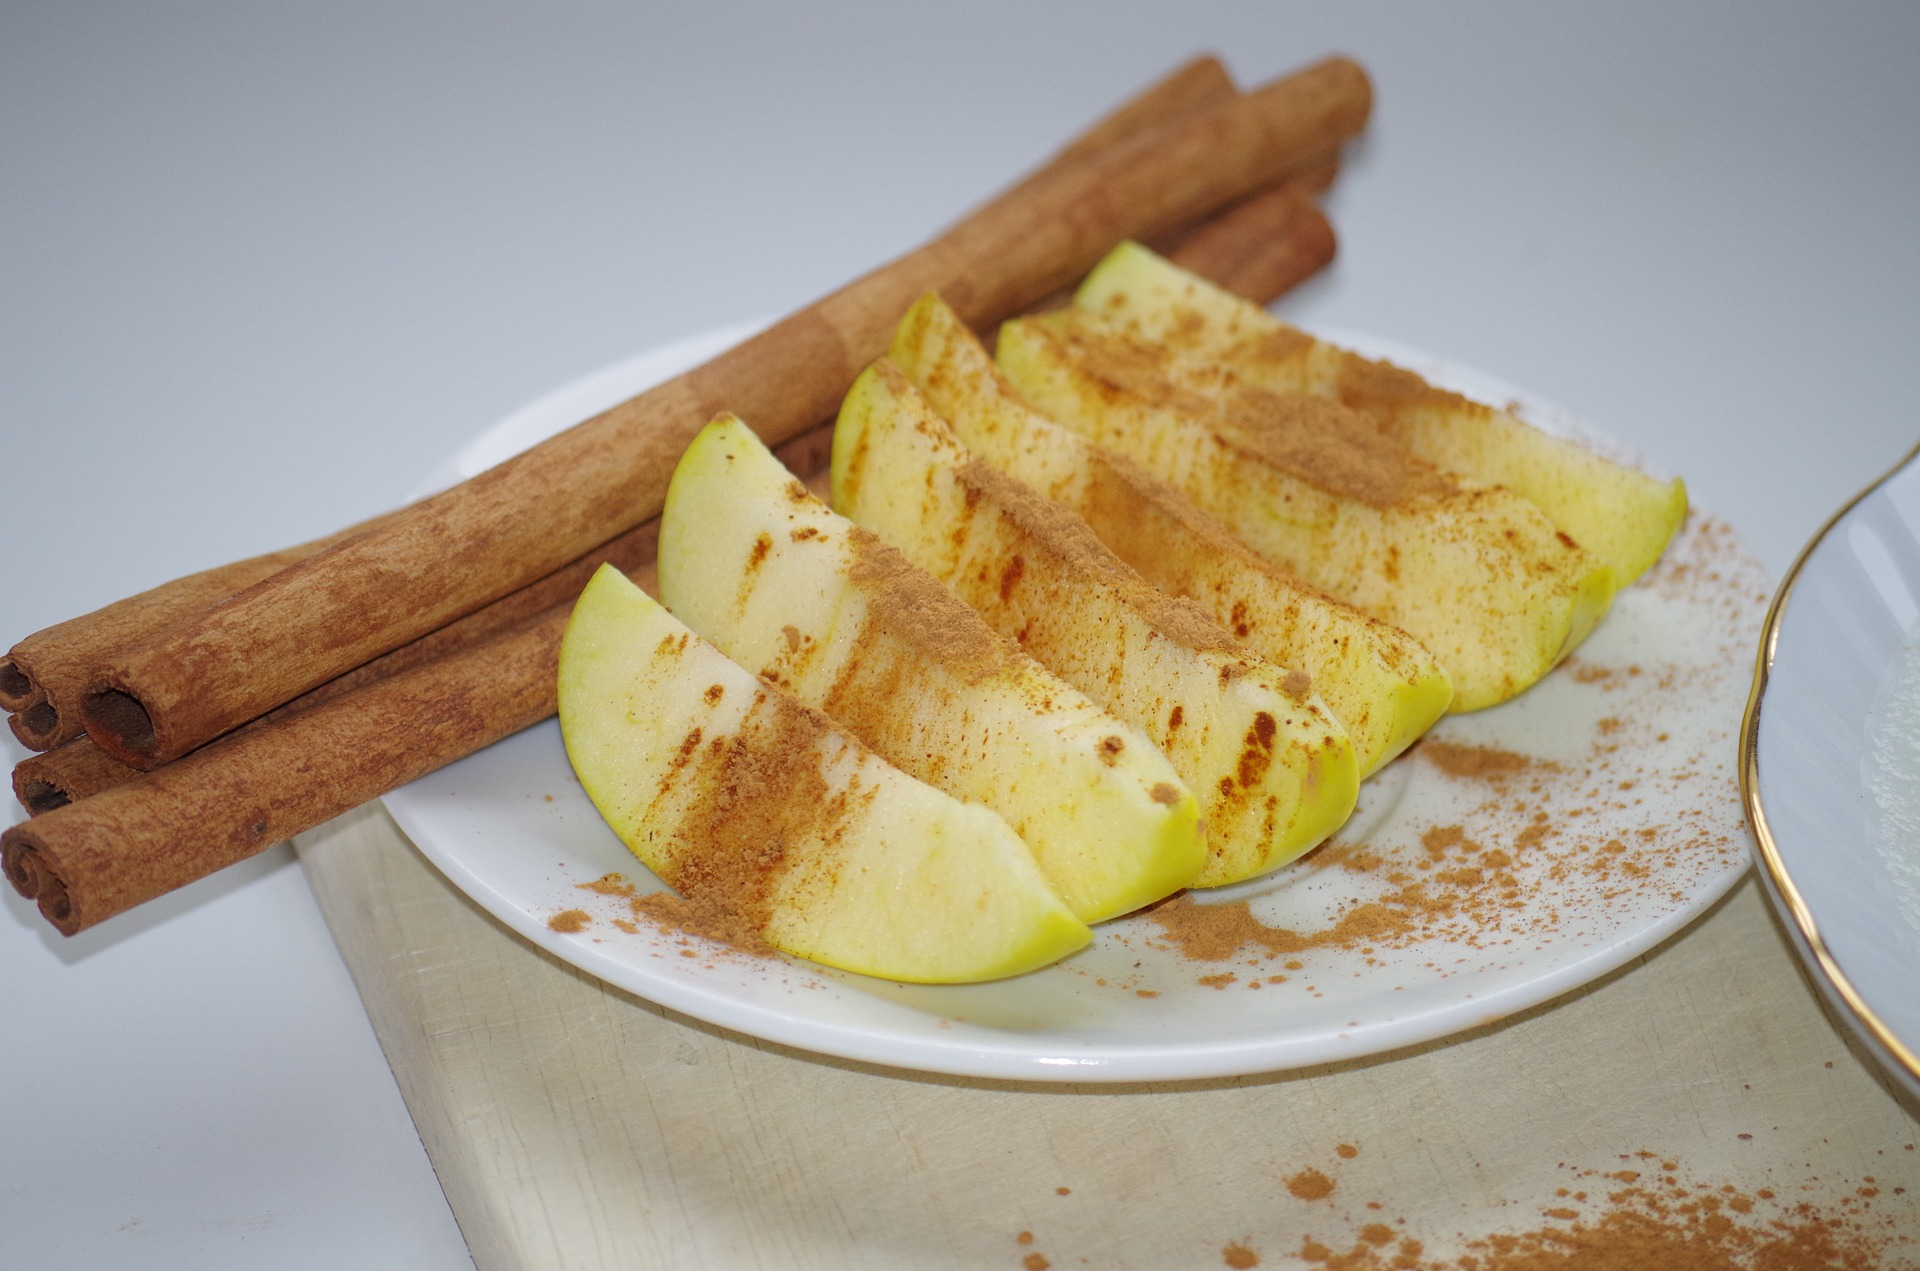 Apples and Cinnamon | Ajale | pixabay.com